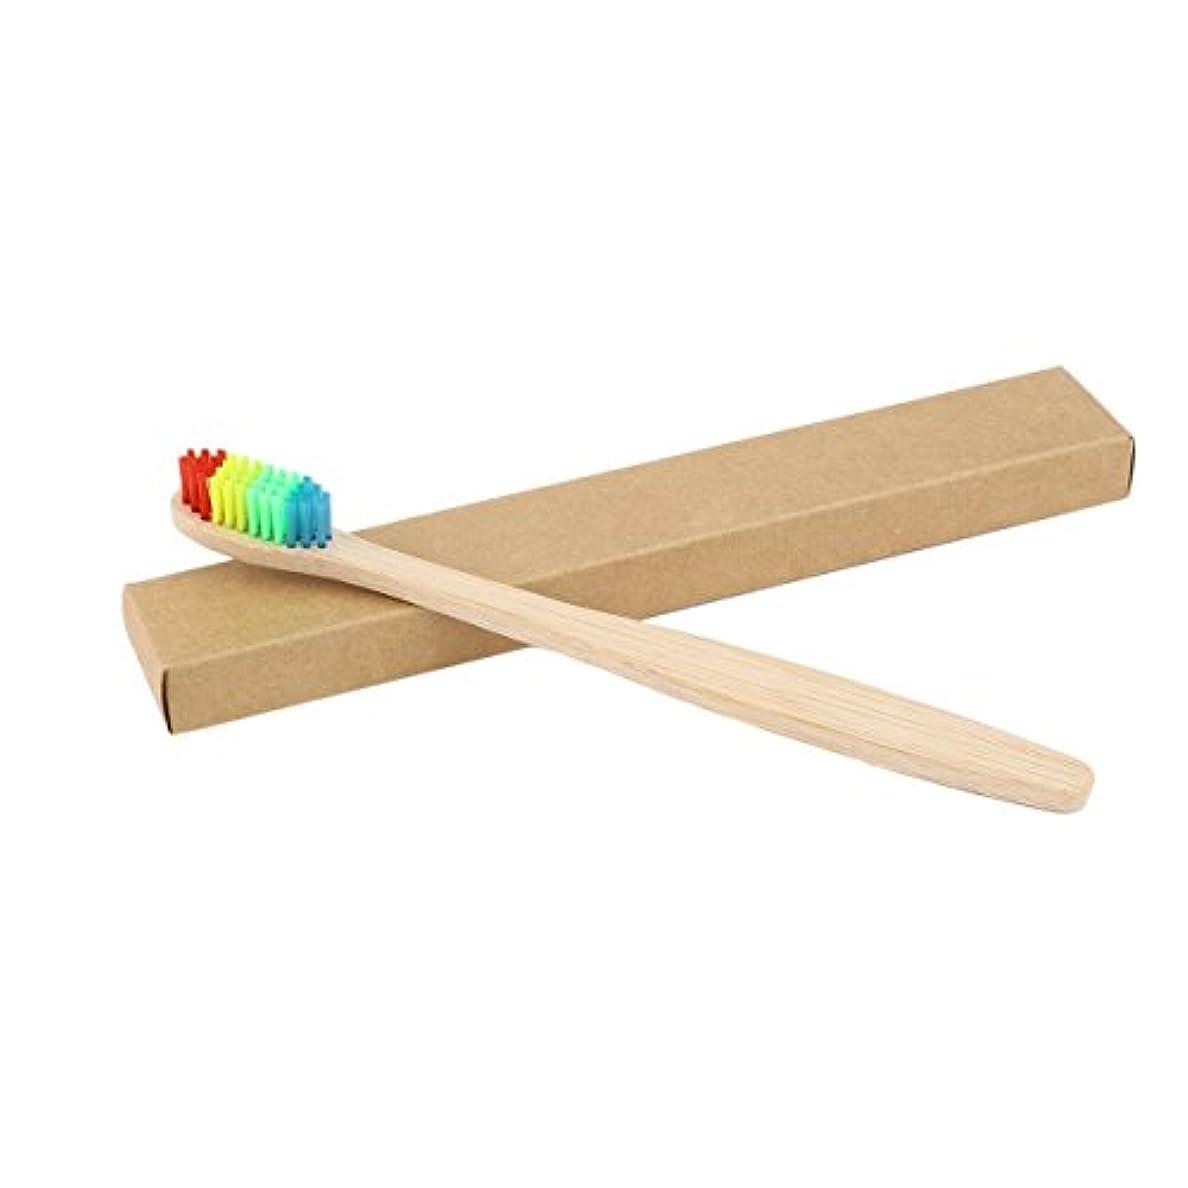 褒賞闇ドラフトカラフルな髪+竹のハンドル歯ブラシ環境木製の虹竹の歯ブラシオーラルケアソフト剛毛ユニセックス - ウッドカラー+カラフル